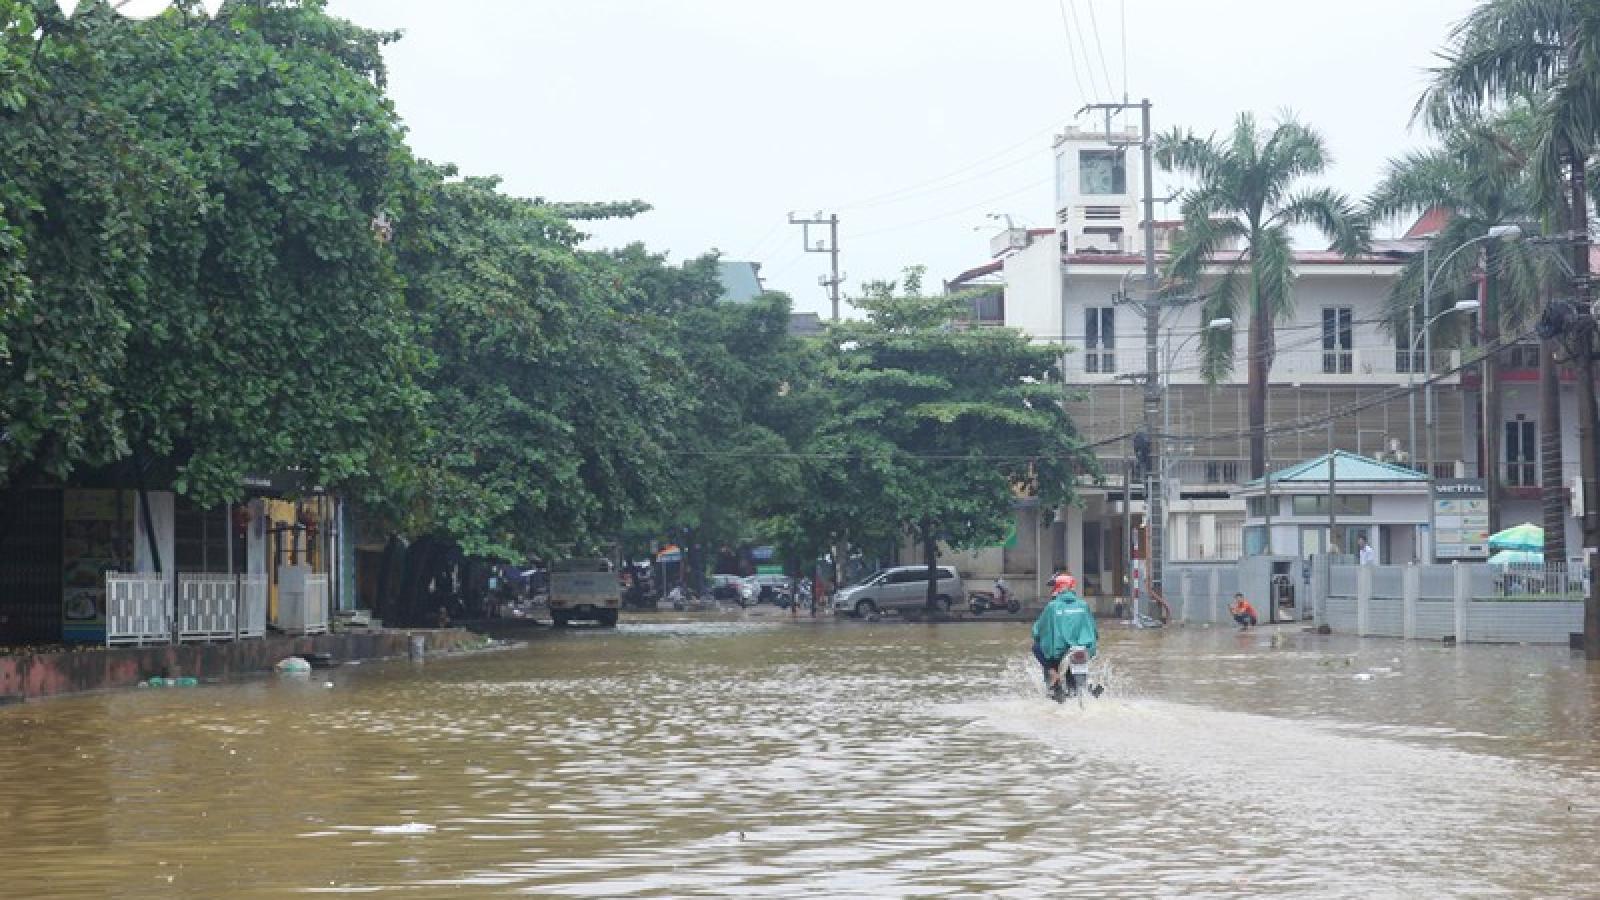 Mưa lũ ở Yên Bái gây thiệt hại khoảng 4,5 tỷ đồng